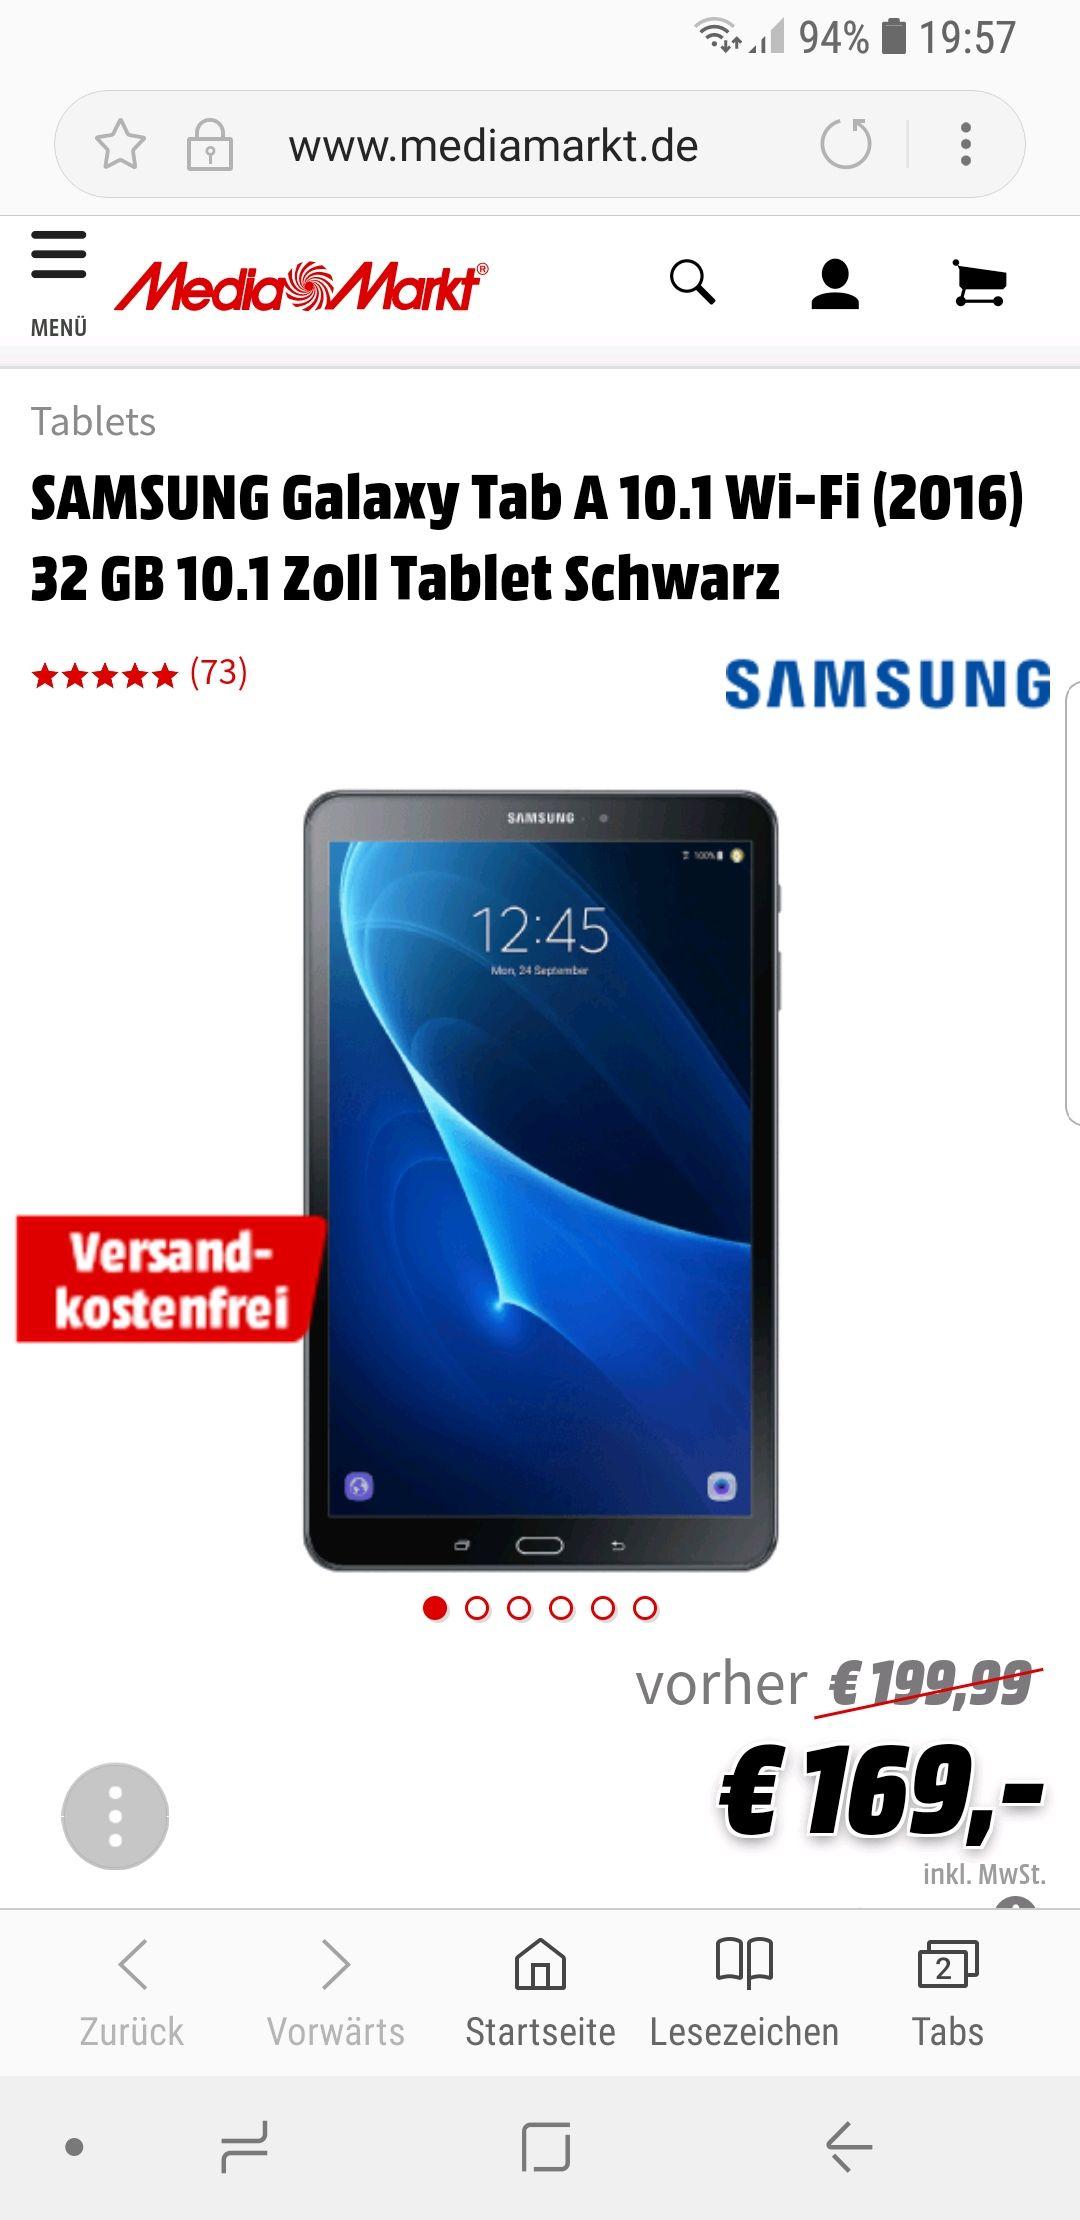 SAMSUNG Galaxy Tab A 10.1 Wi-Fi (2016) 32 GB 10.1 Zoll Tablet Schwarz